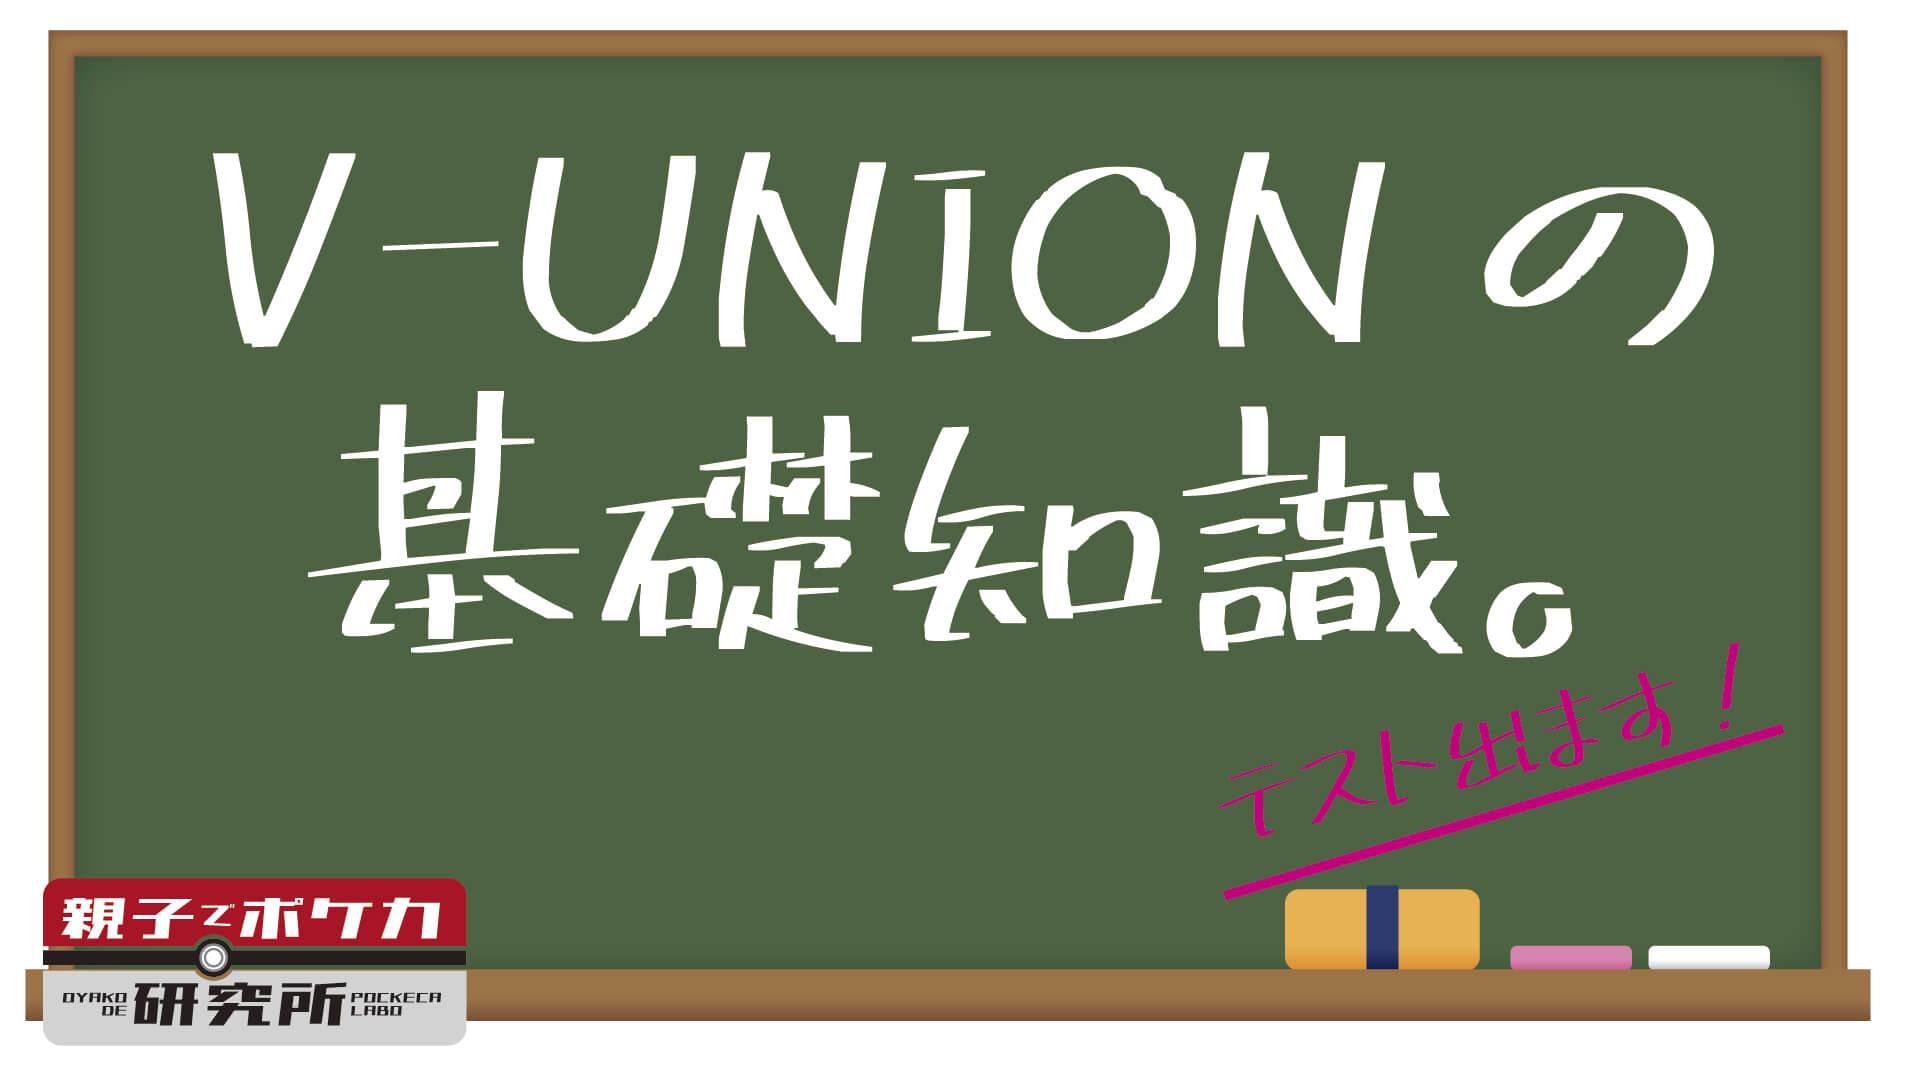 ポケカV-UNIONの基礎知識【基本ルールと使い方】ミュウツー・ゲッコウガ・ザシアンでどう戦うか